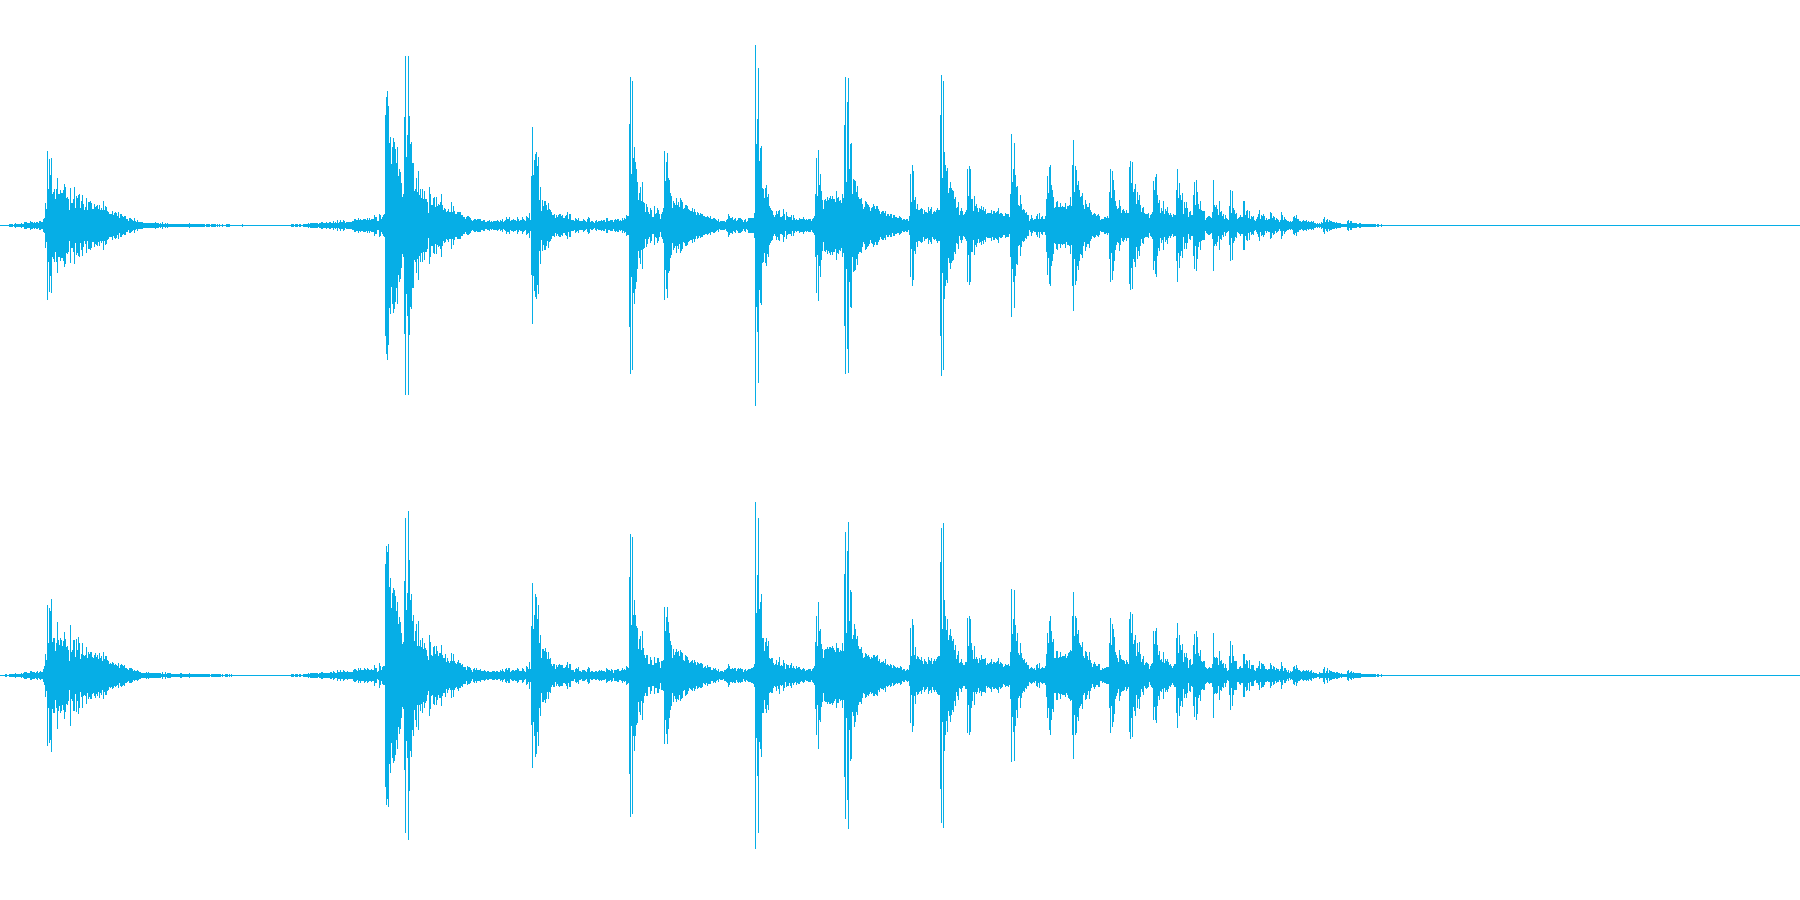 薬莢が落ちる音の再生済みの波形